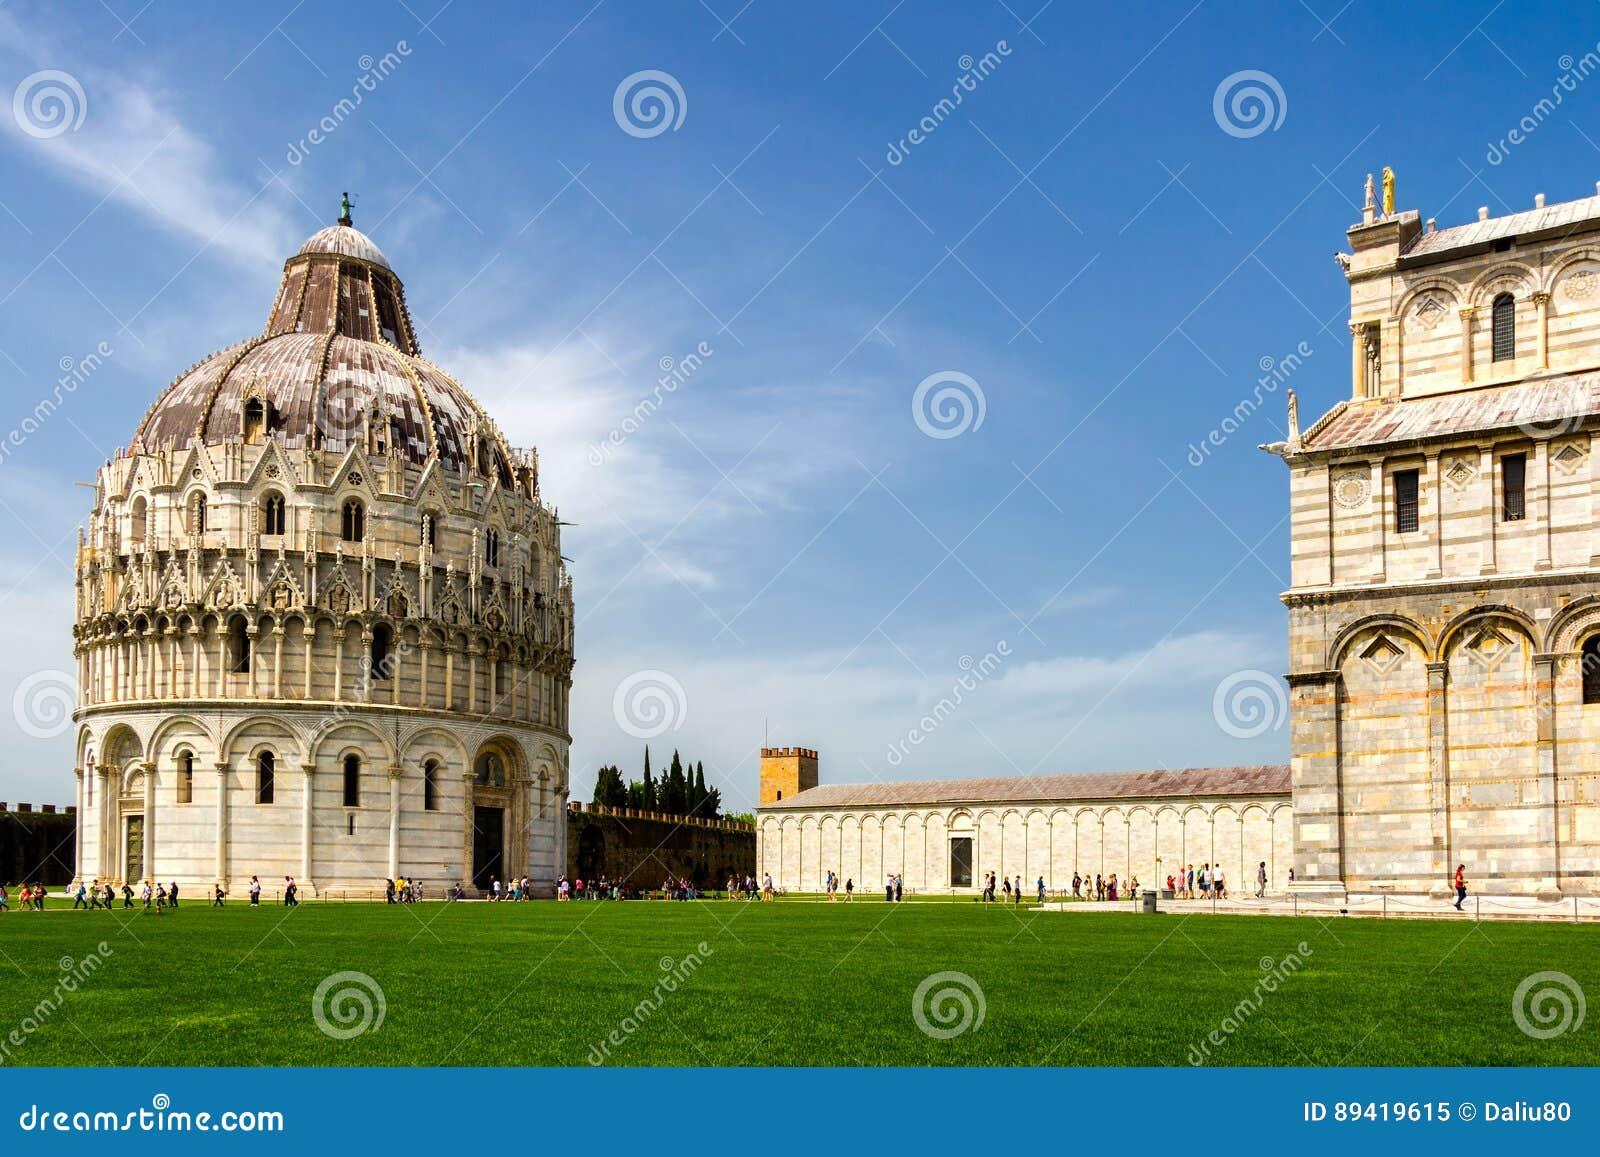 Pisa-Kathedrale (Duomodi Pisa) mit dem lehnenden Turm von Pisa an